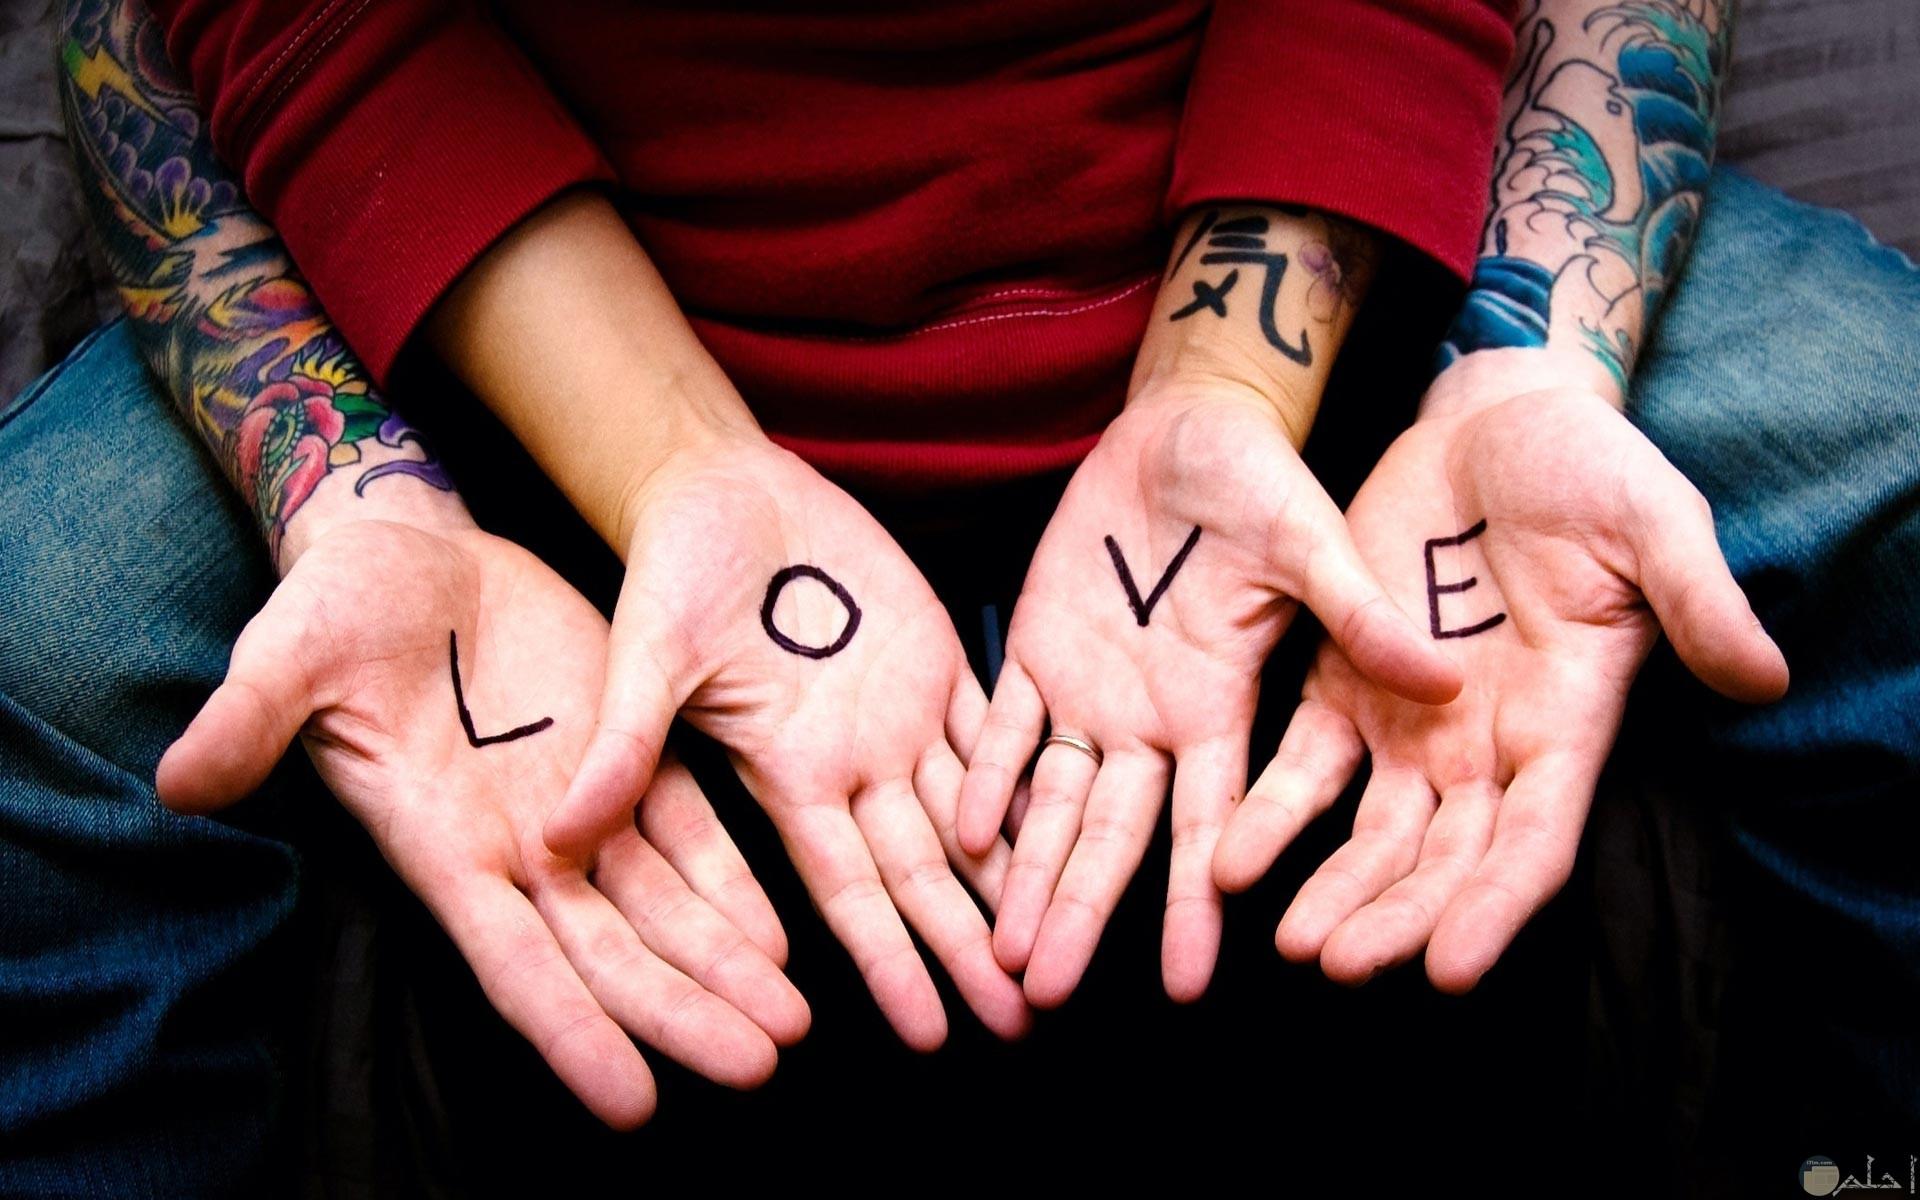 كلمة بحبك بالانجليزى مكتوبه على كف اليد